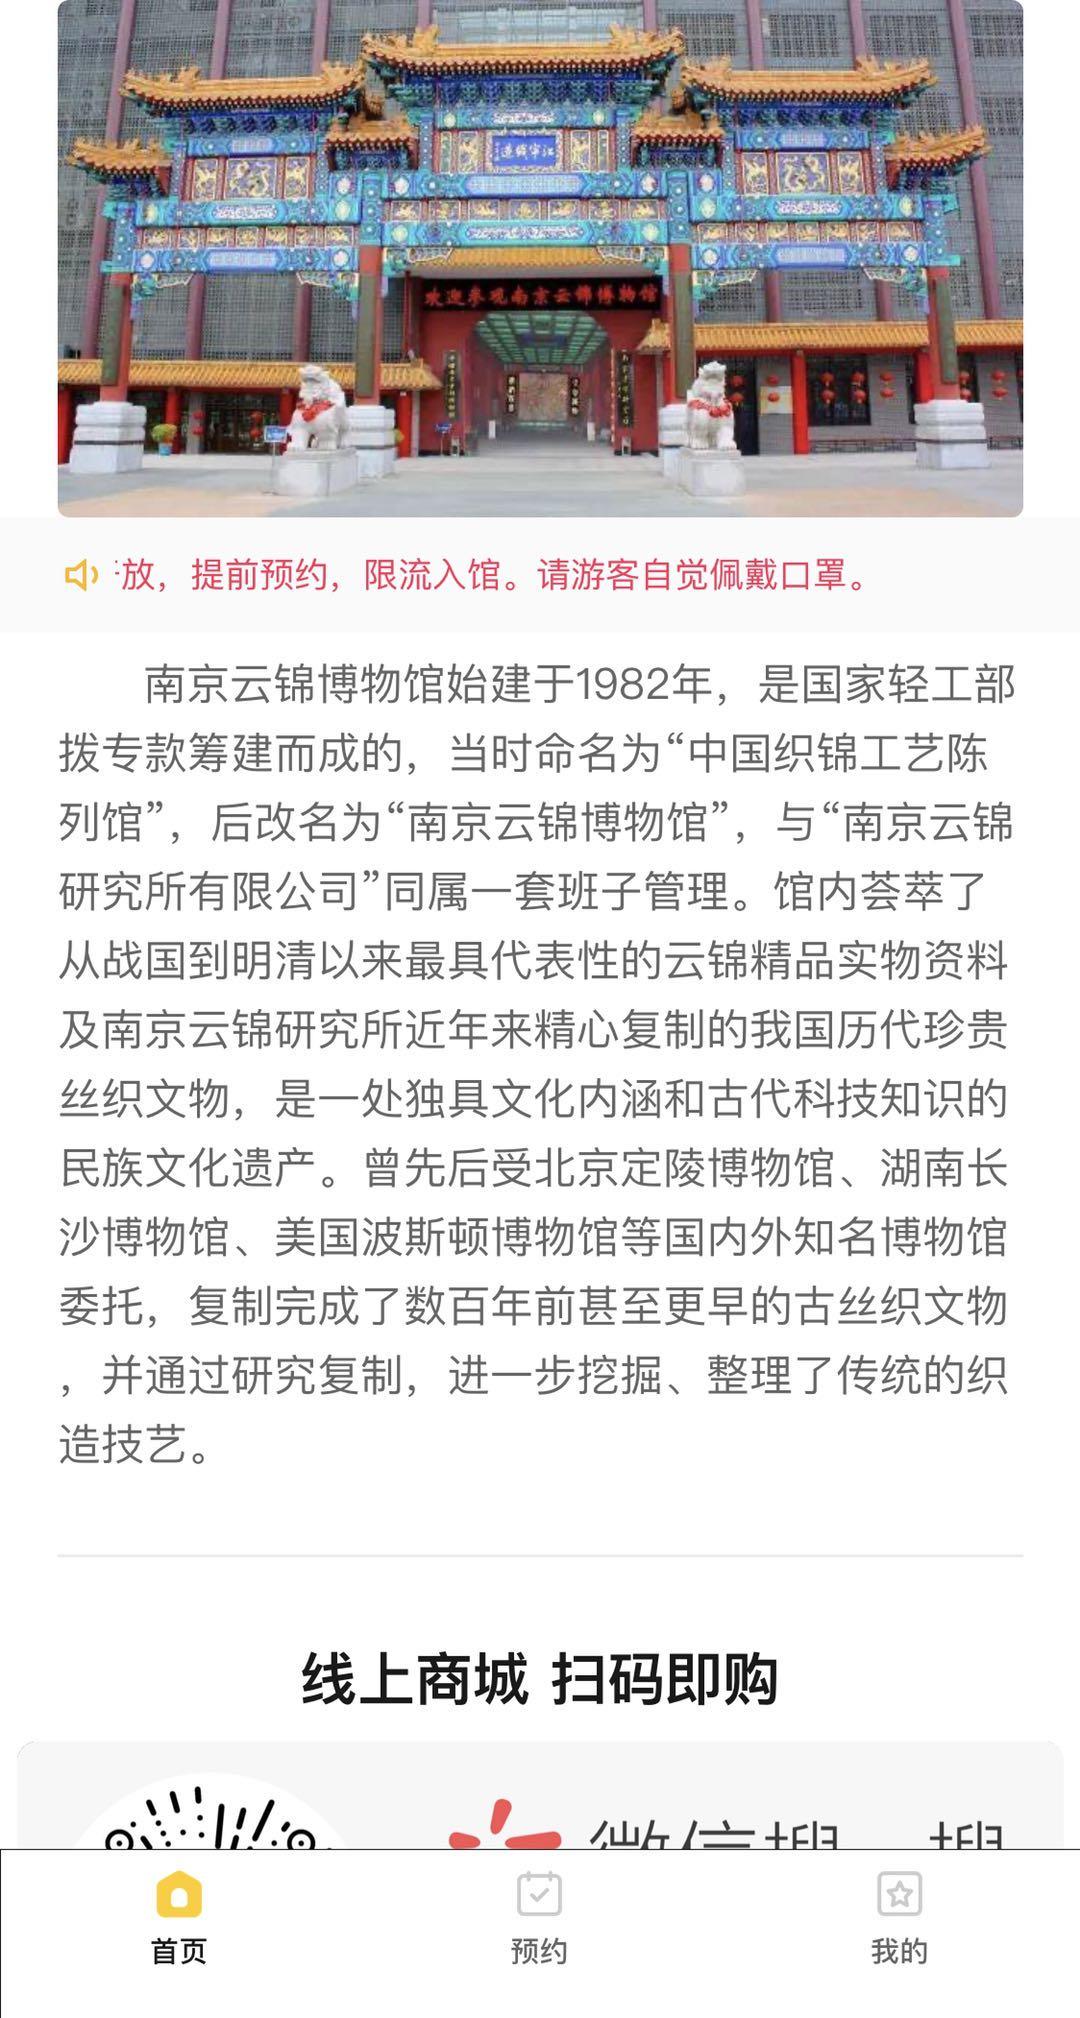 微信云錦博物館參觀預約小程序